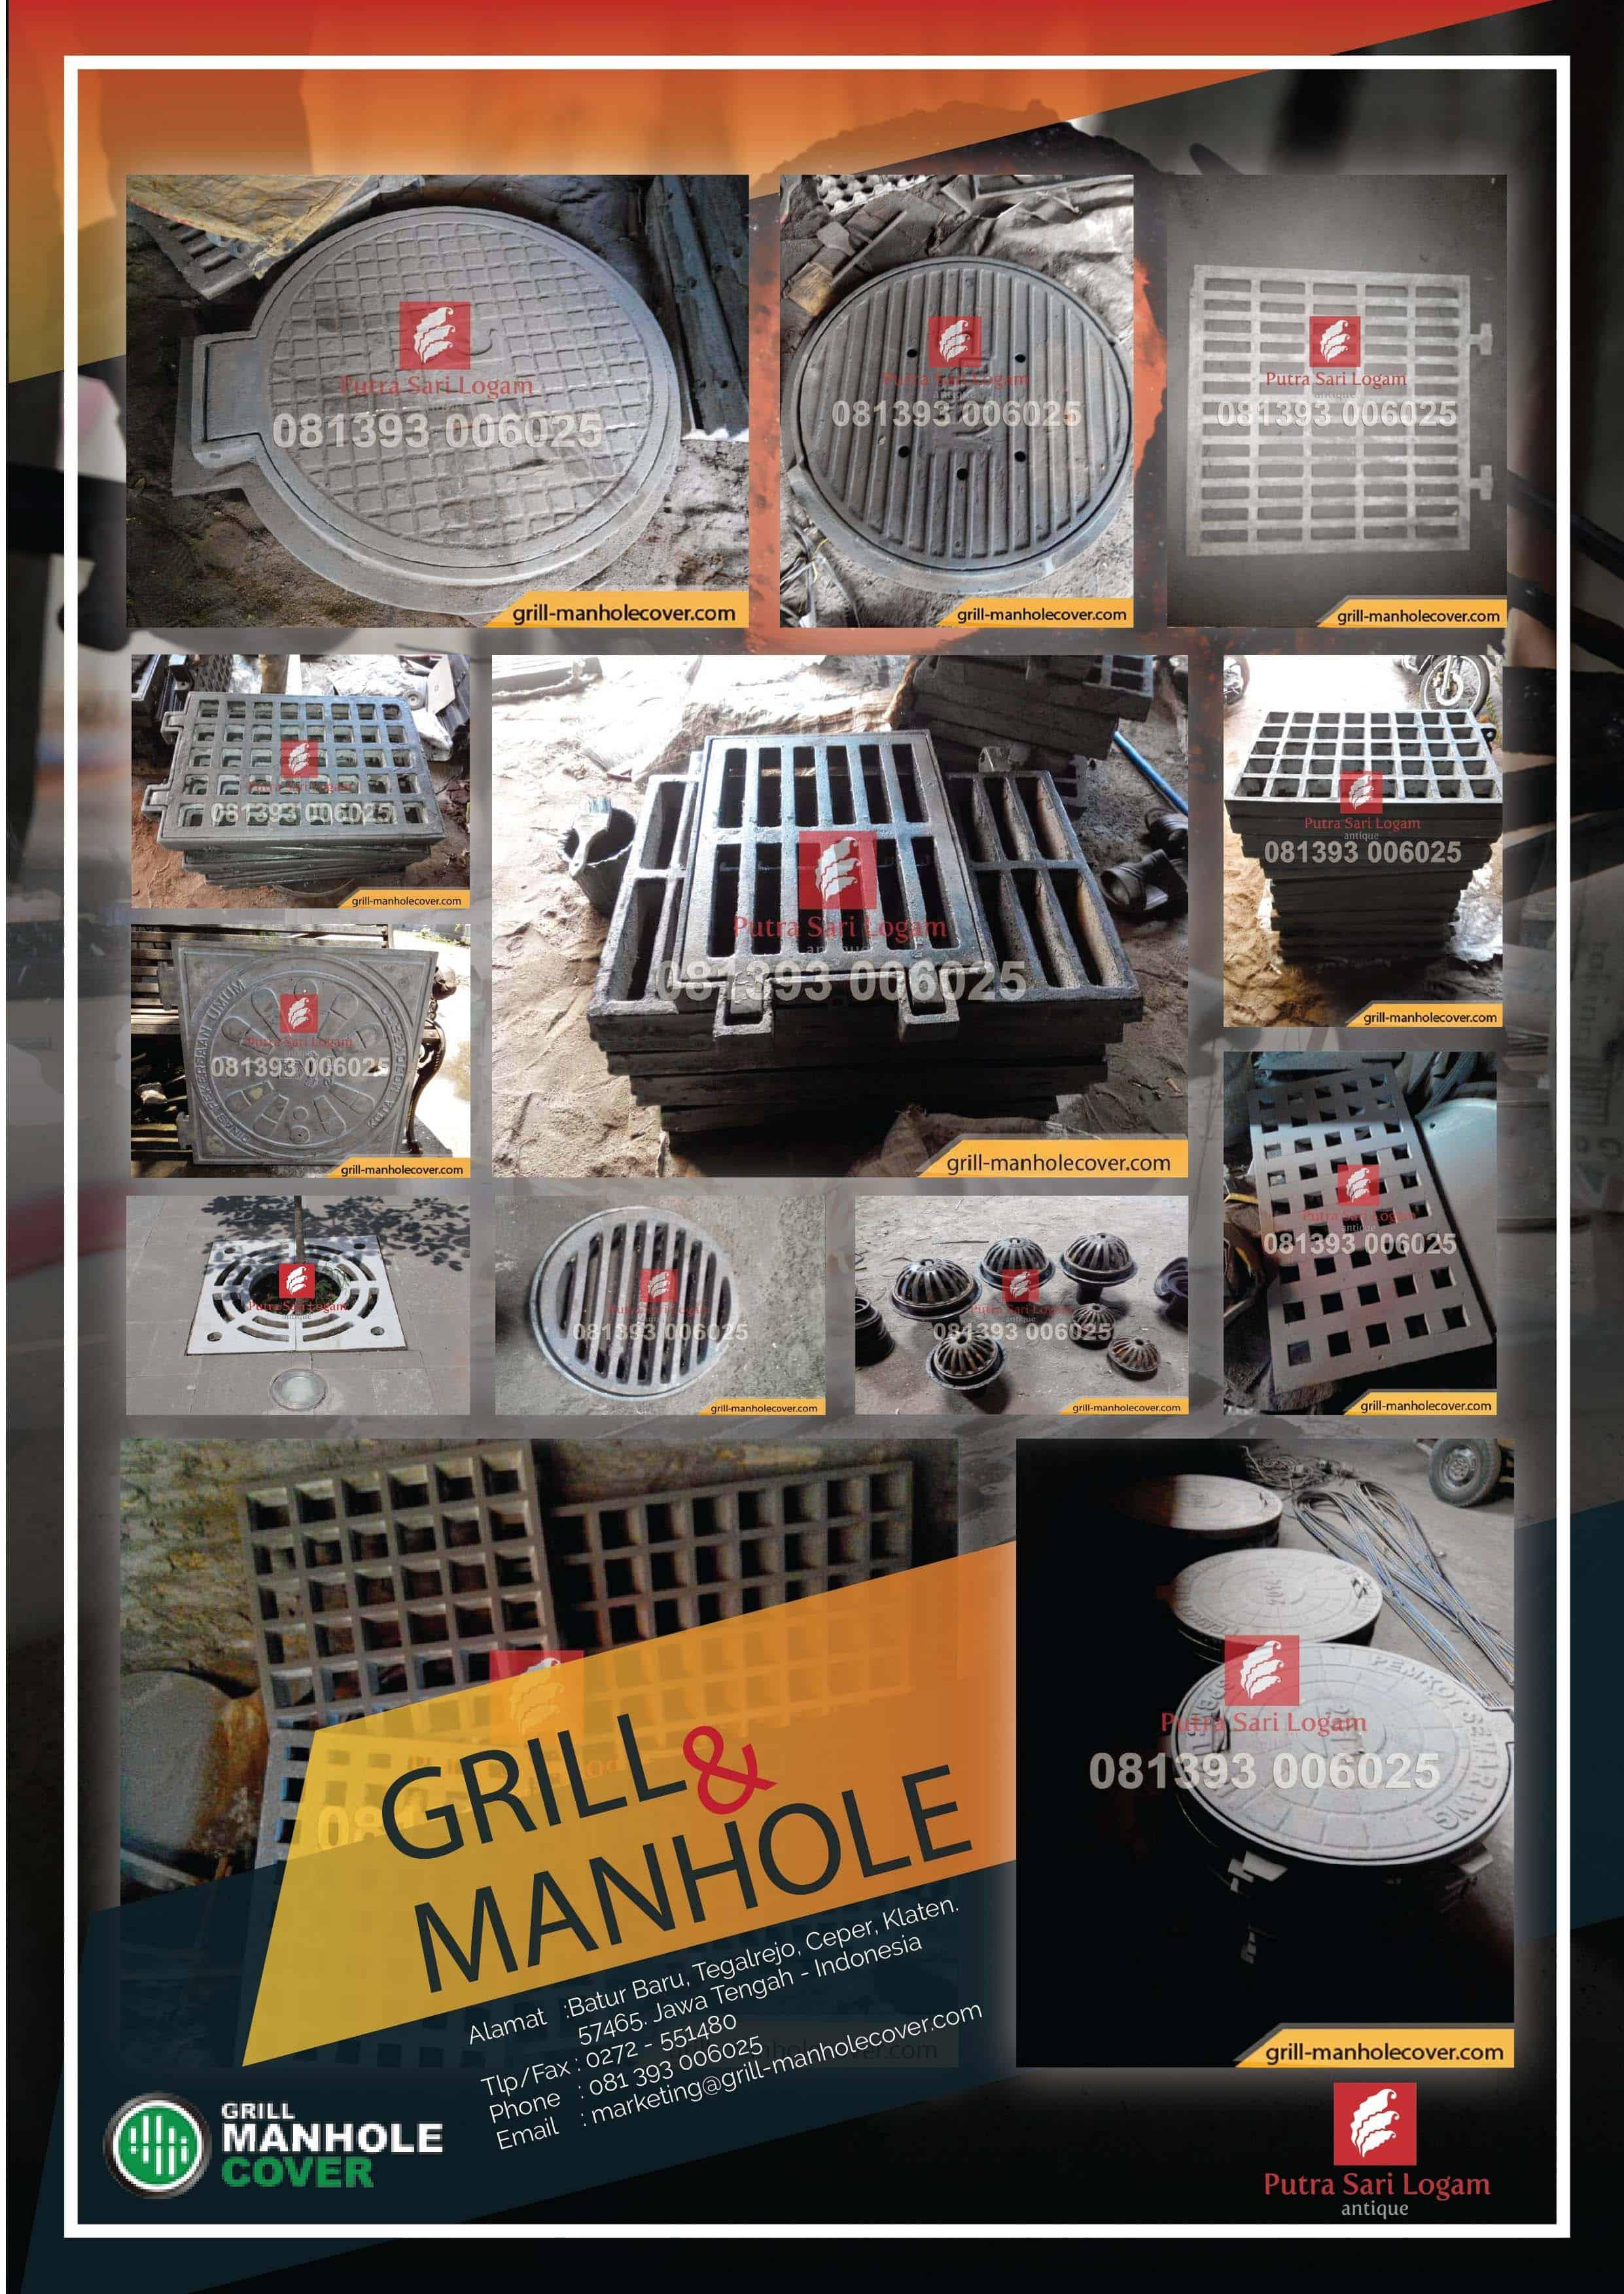 katalog manhole cover